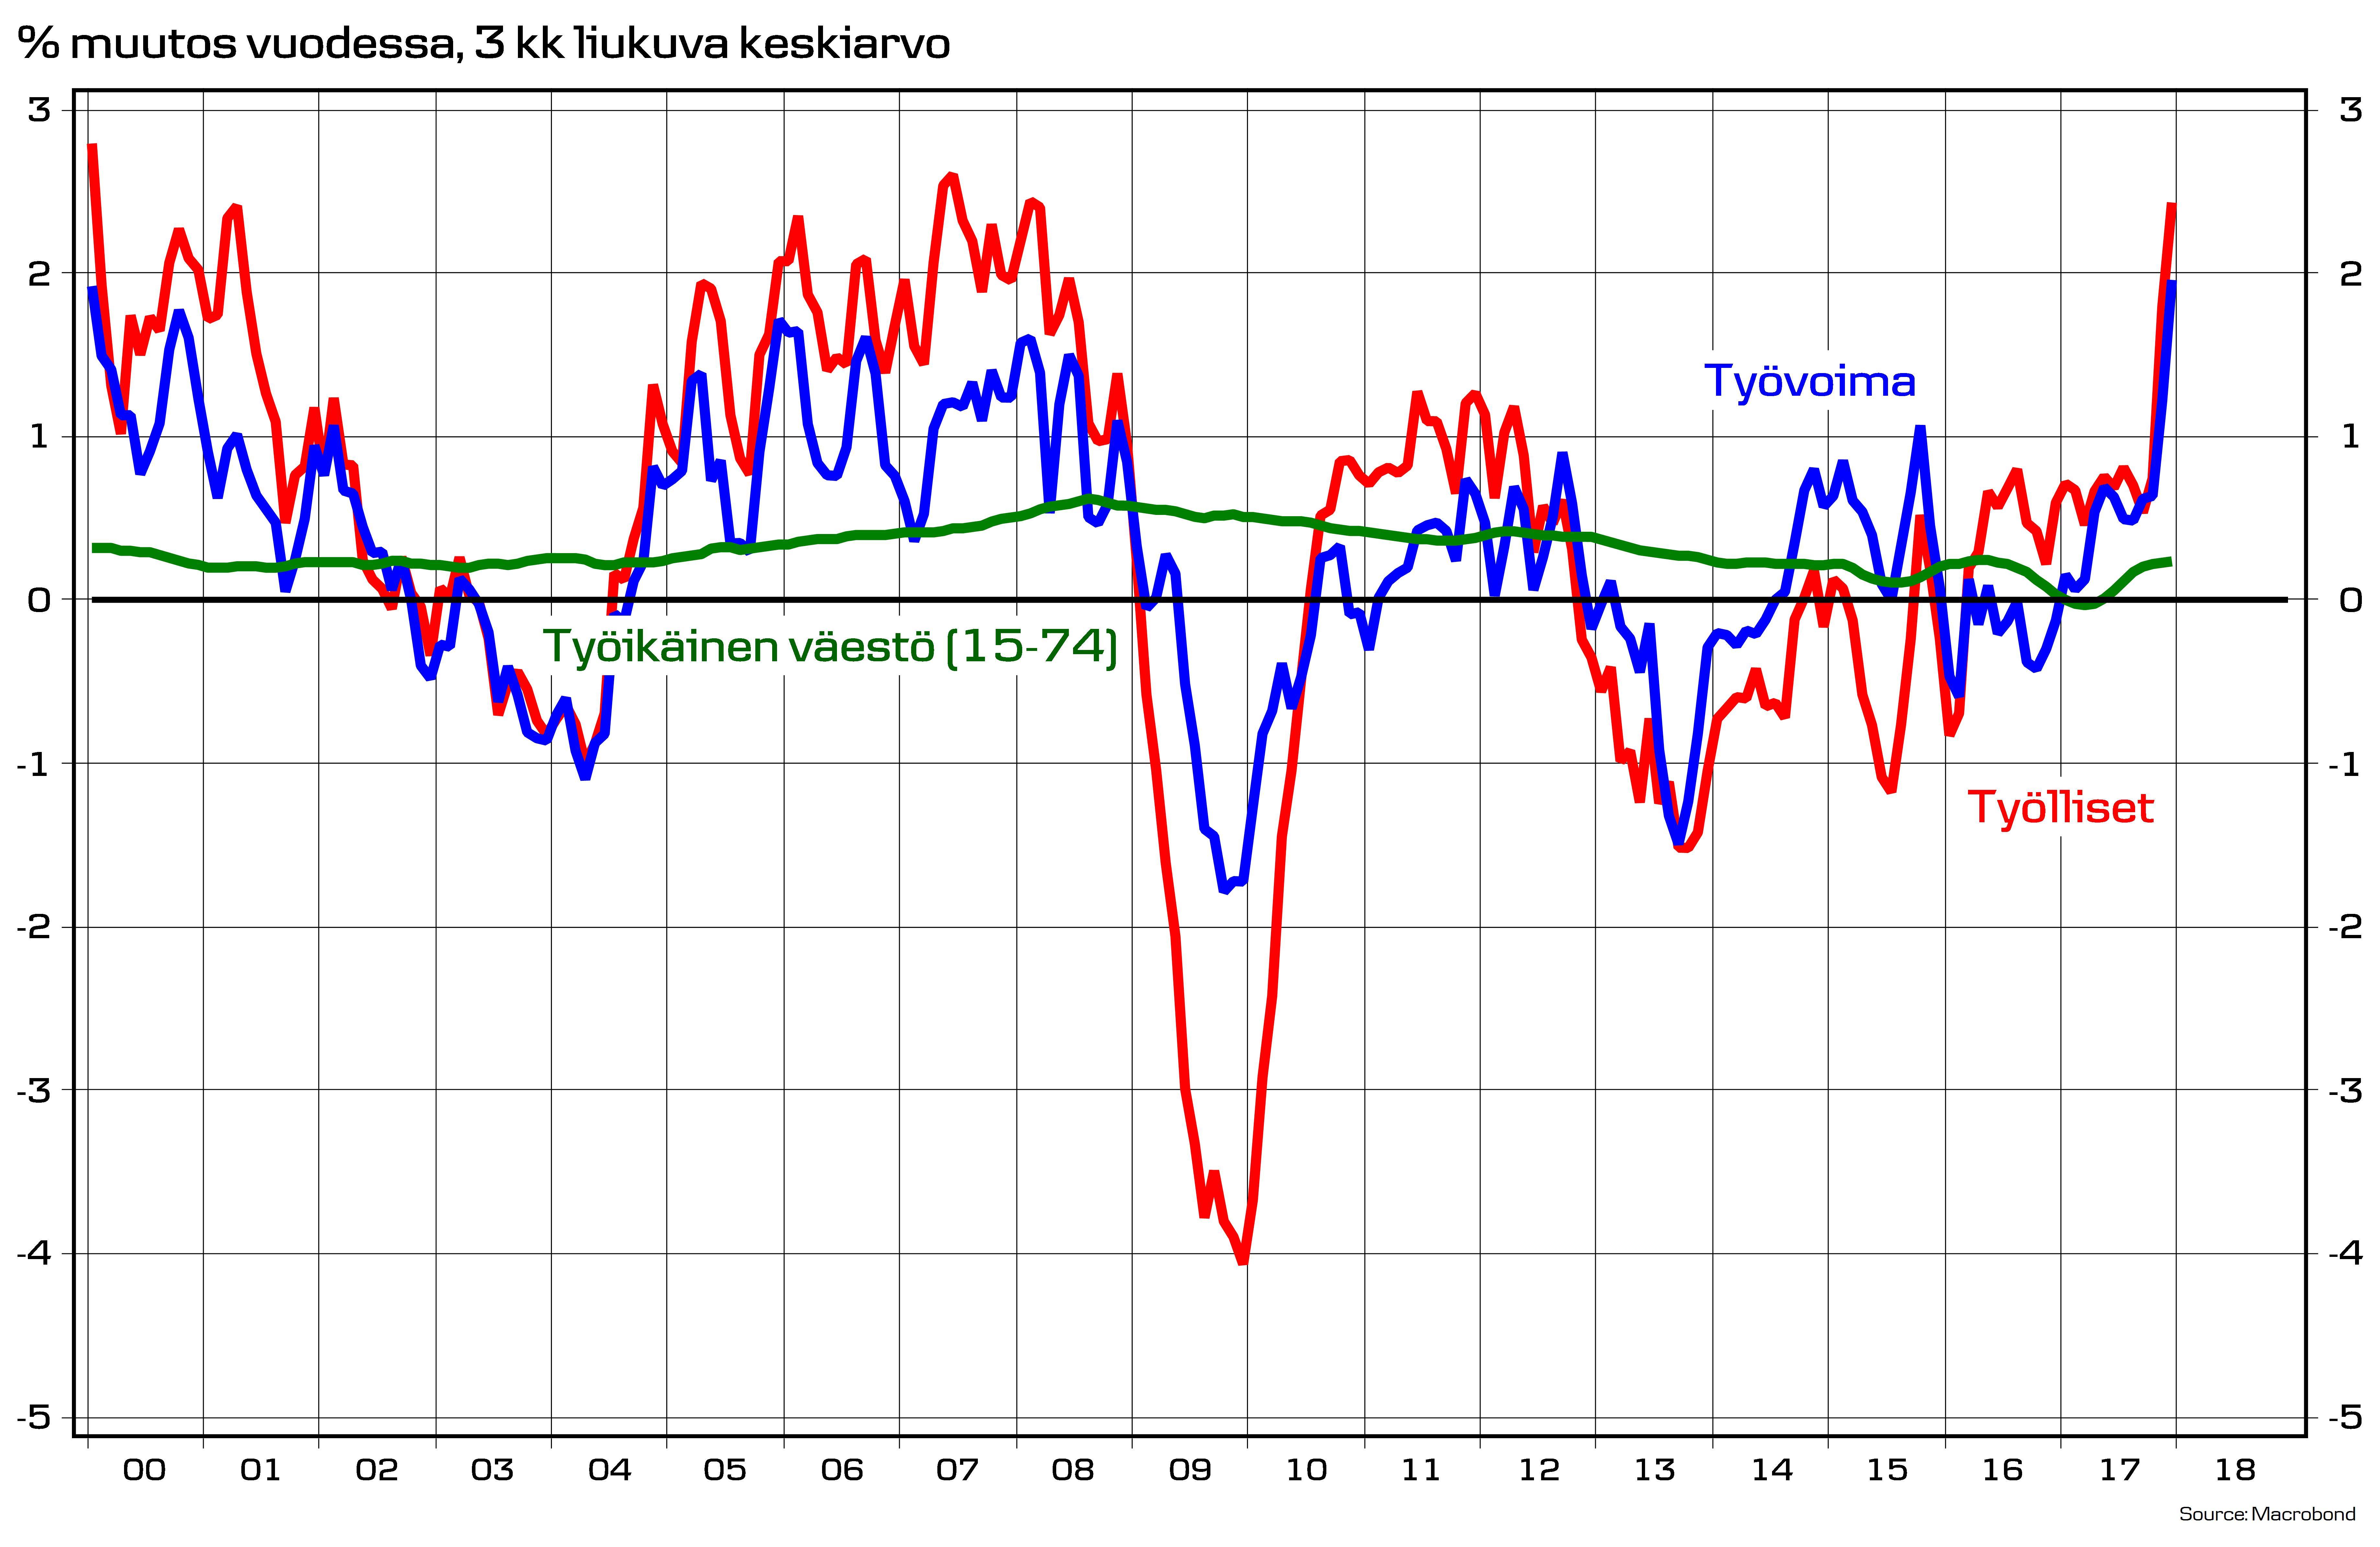 Suomen Työttömyysaste